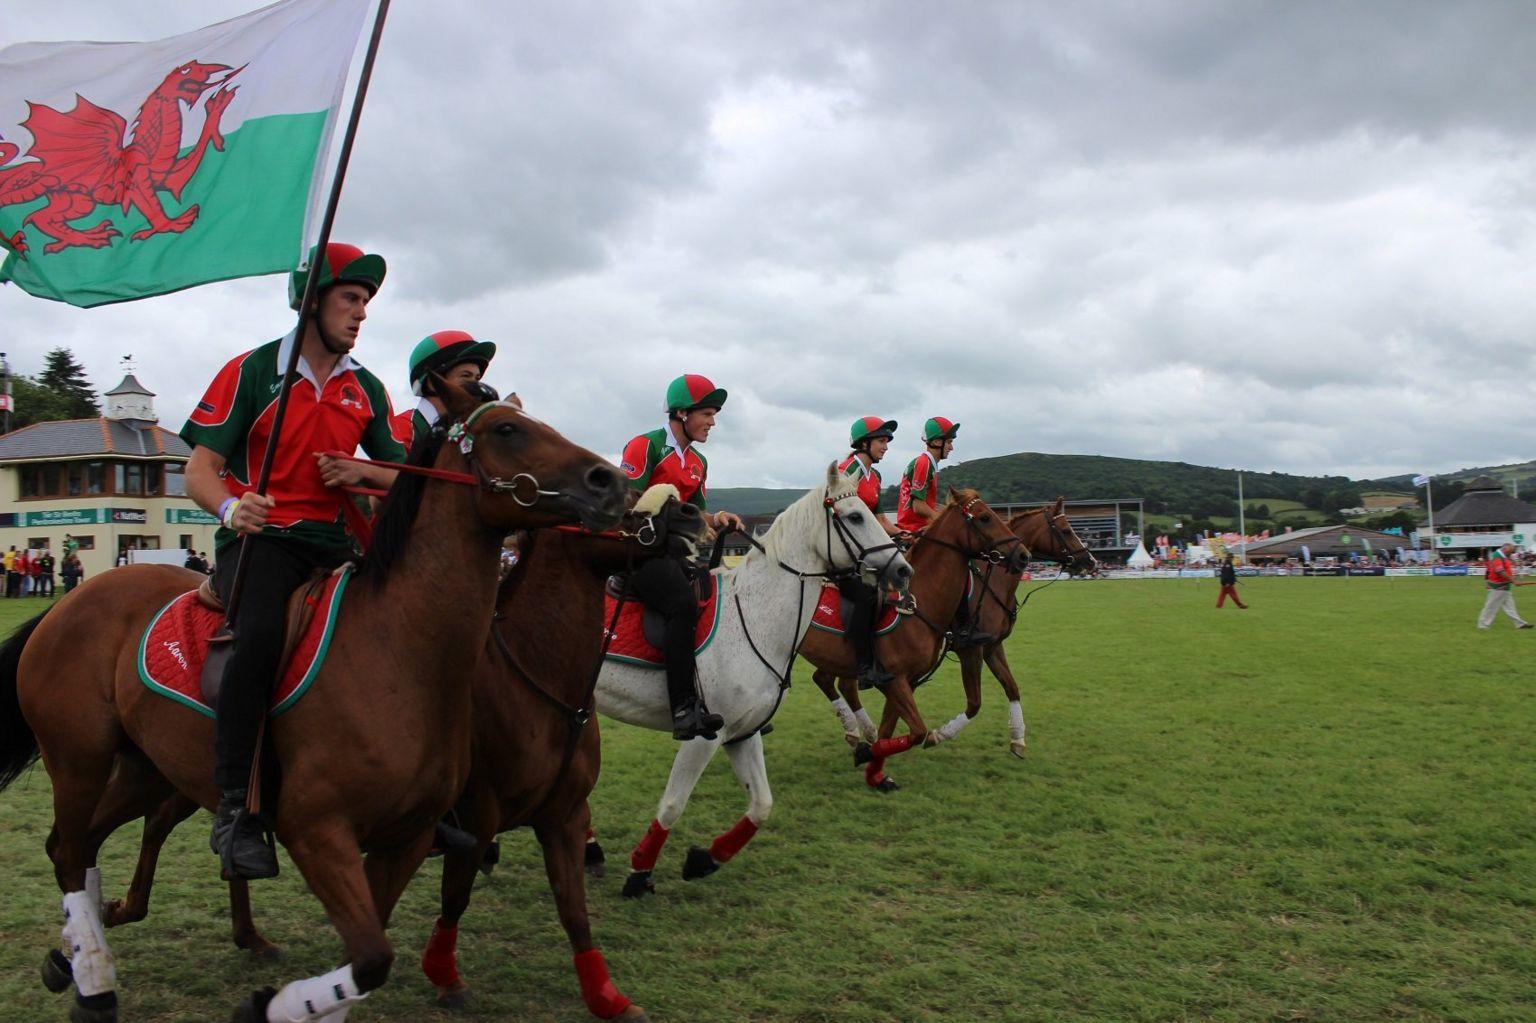 Tîm Cymru sy'n paratoi i gystadlu ar y llwyfan rhyngwladol // This Welsh team are preparing to fly the flag in the World Horse Games